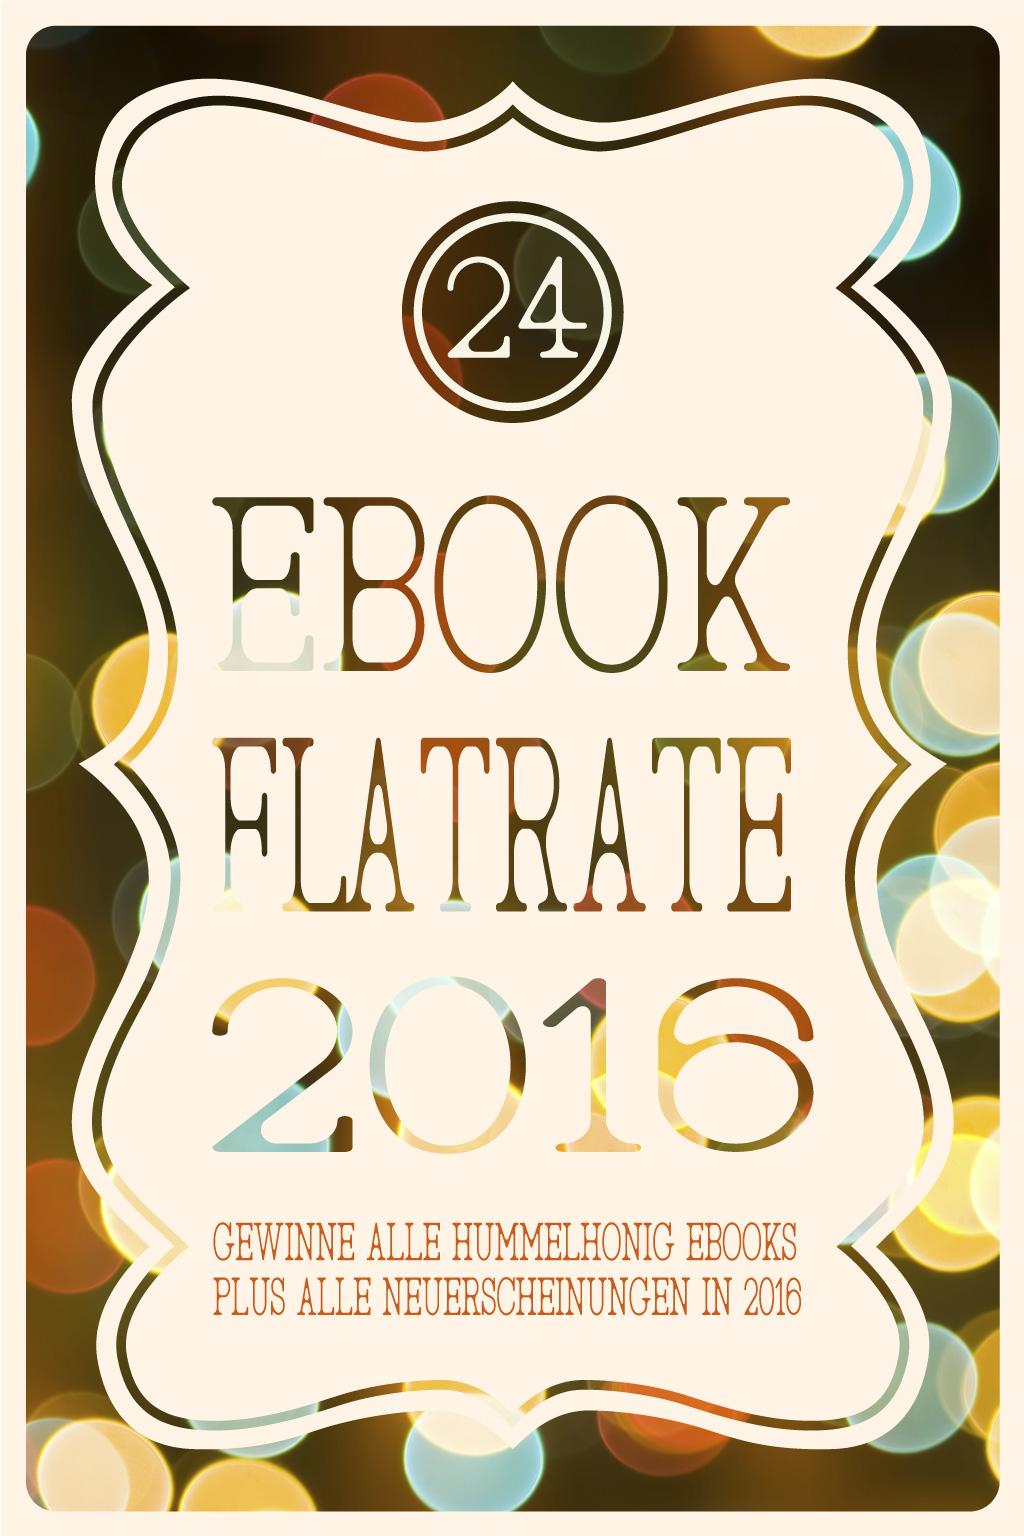 Ebook_Flatrate